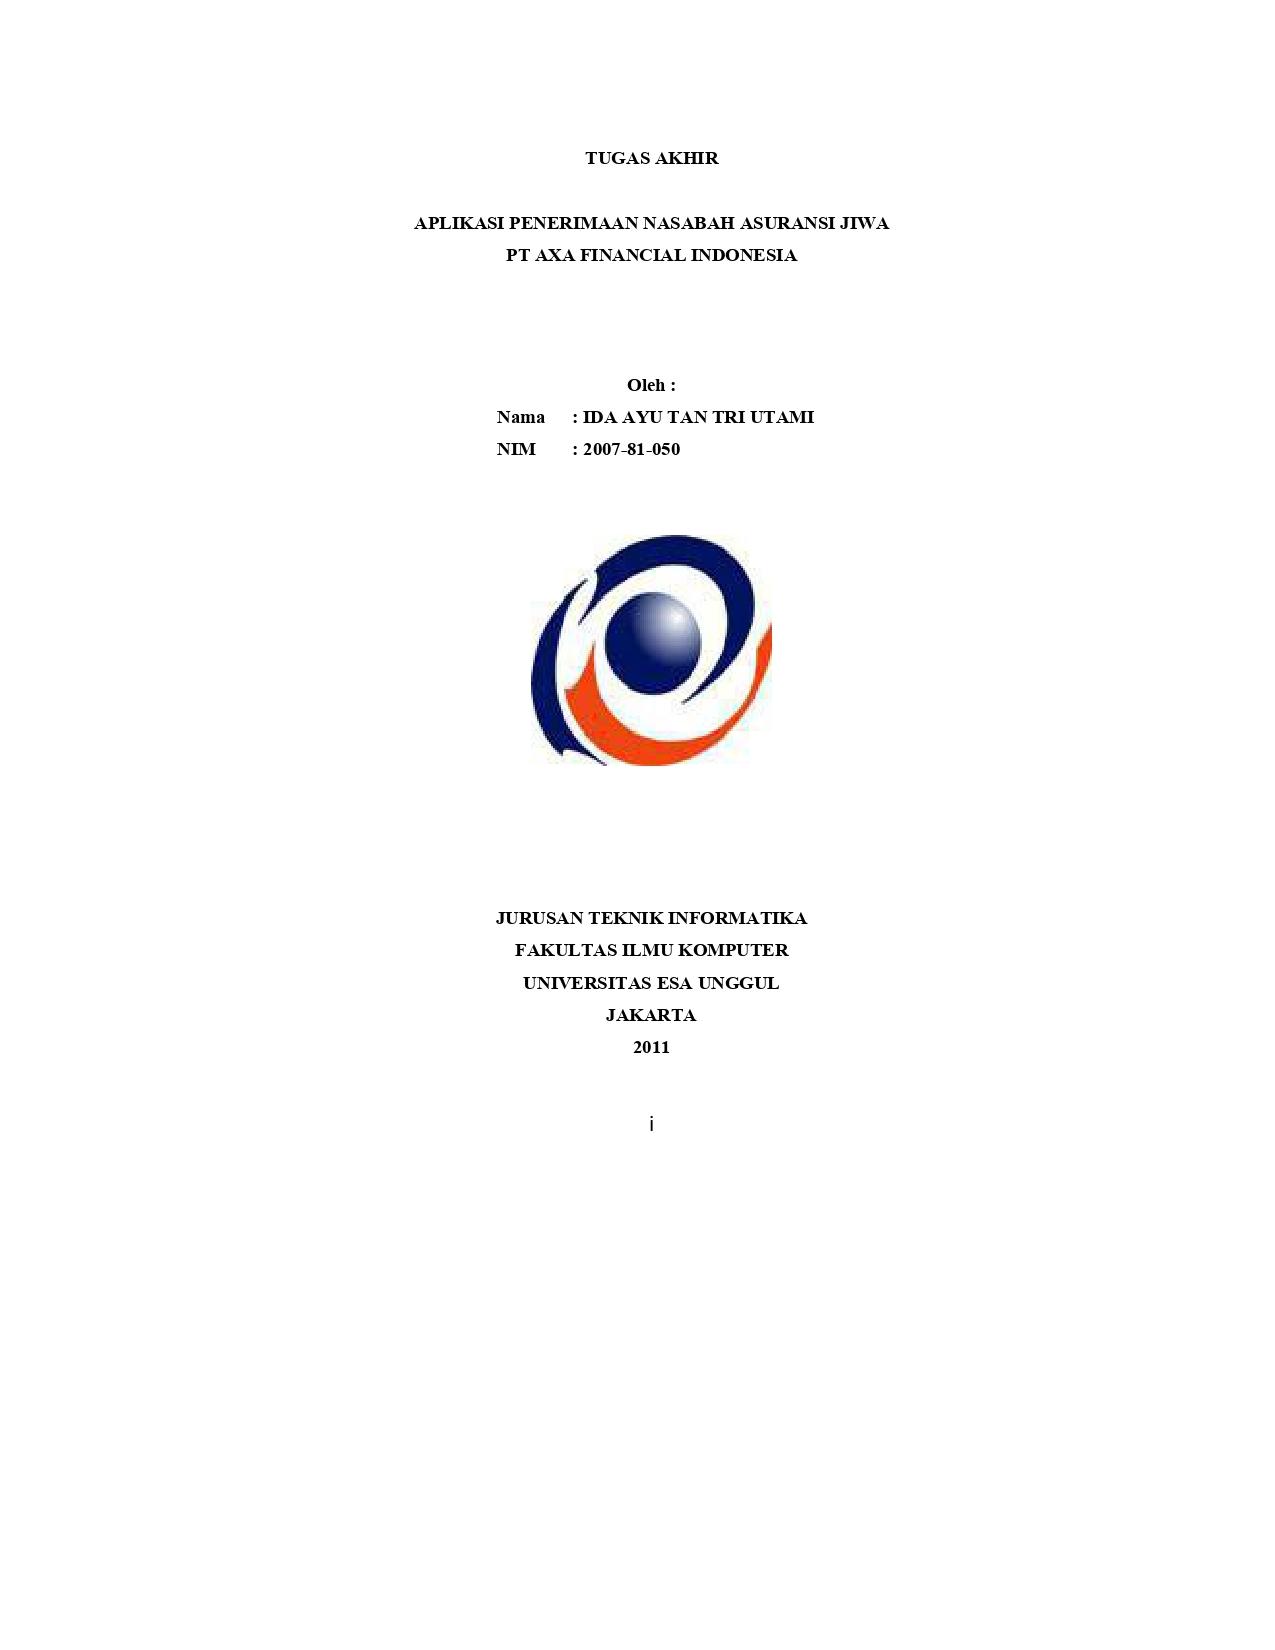 Aplikasi Penerimaan Nasabah Asuransi Jiwa PT Axa Financial Indonesia